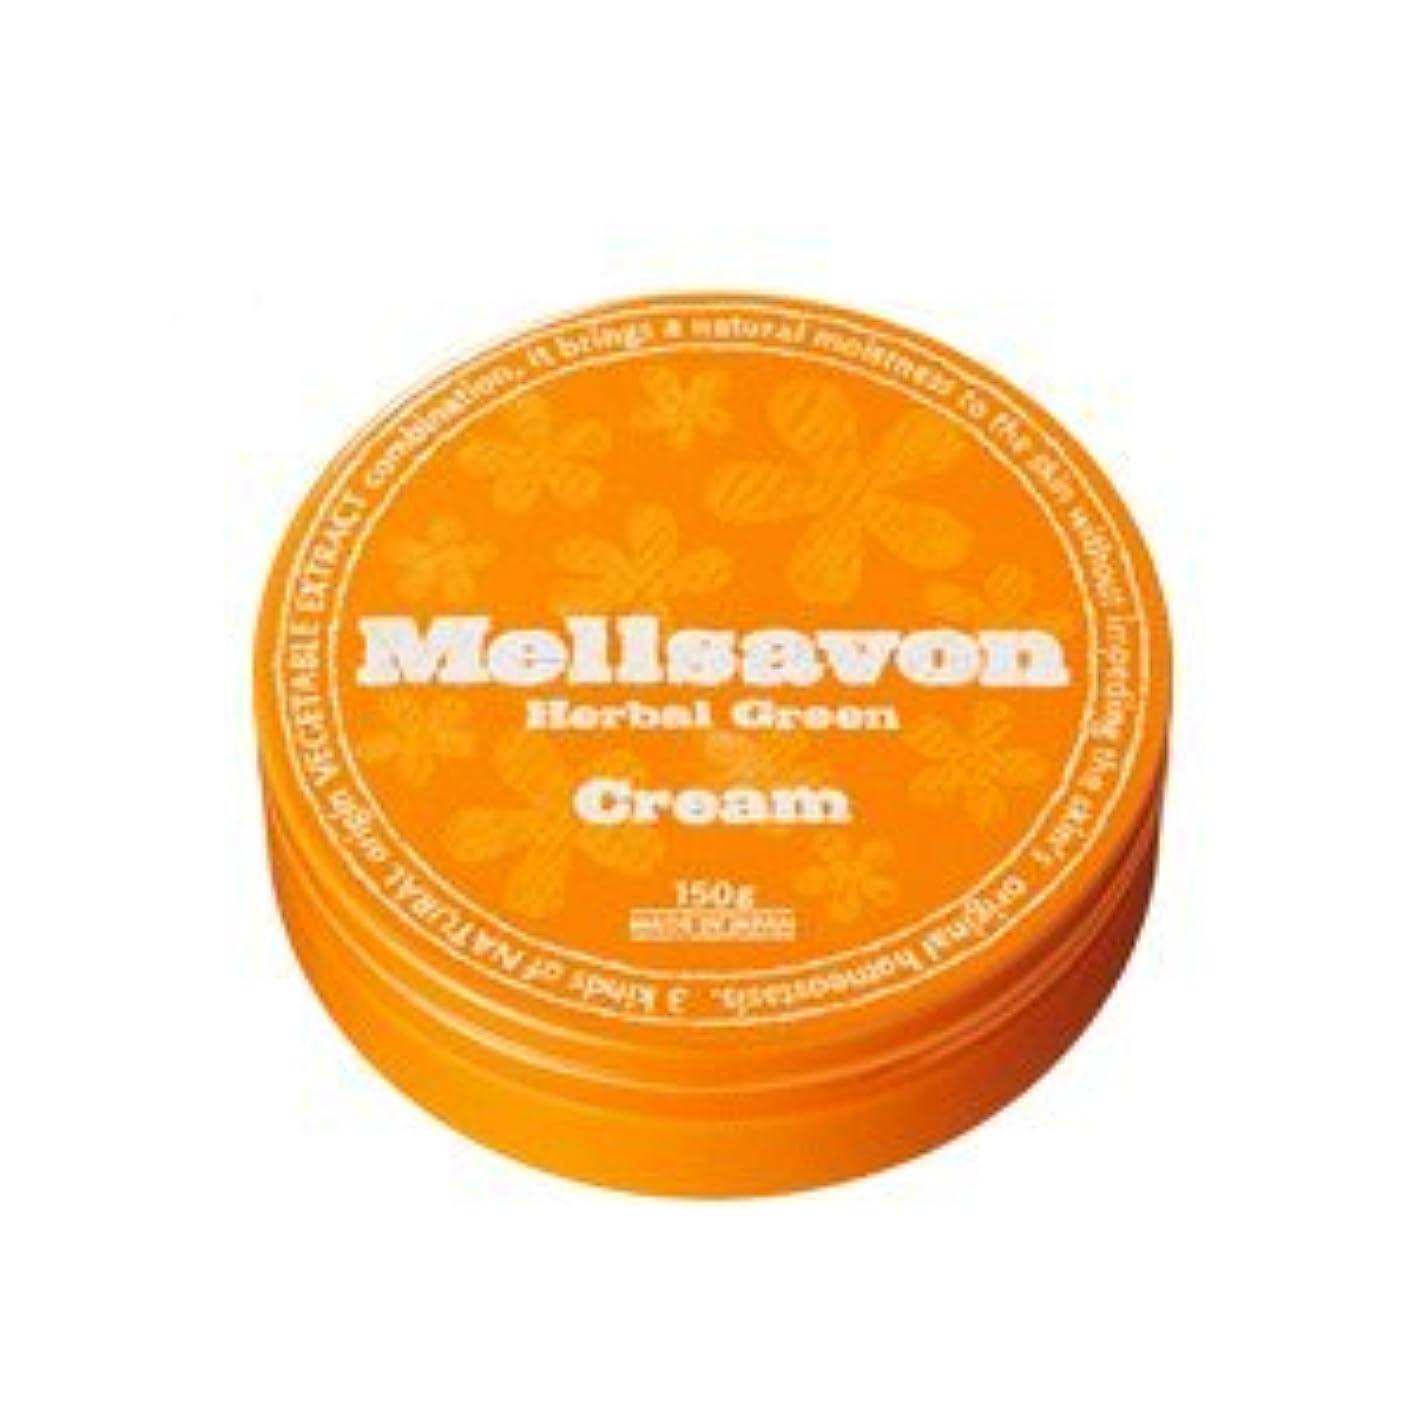 断片お風呂を持っている隠メルサボン スキンケアクリーム ハーバルグリーンの香り 中缶 65g